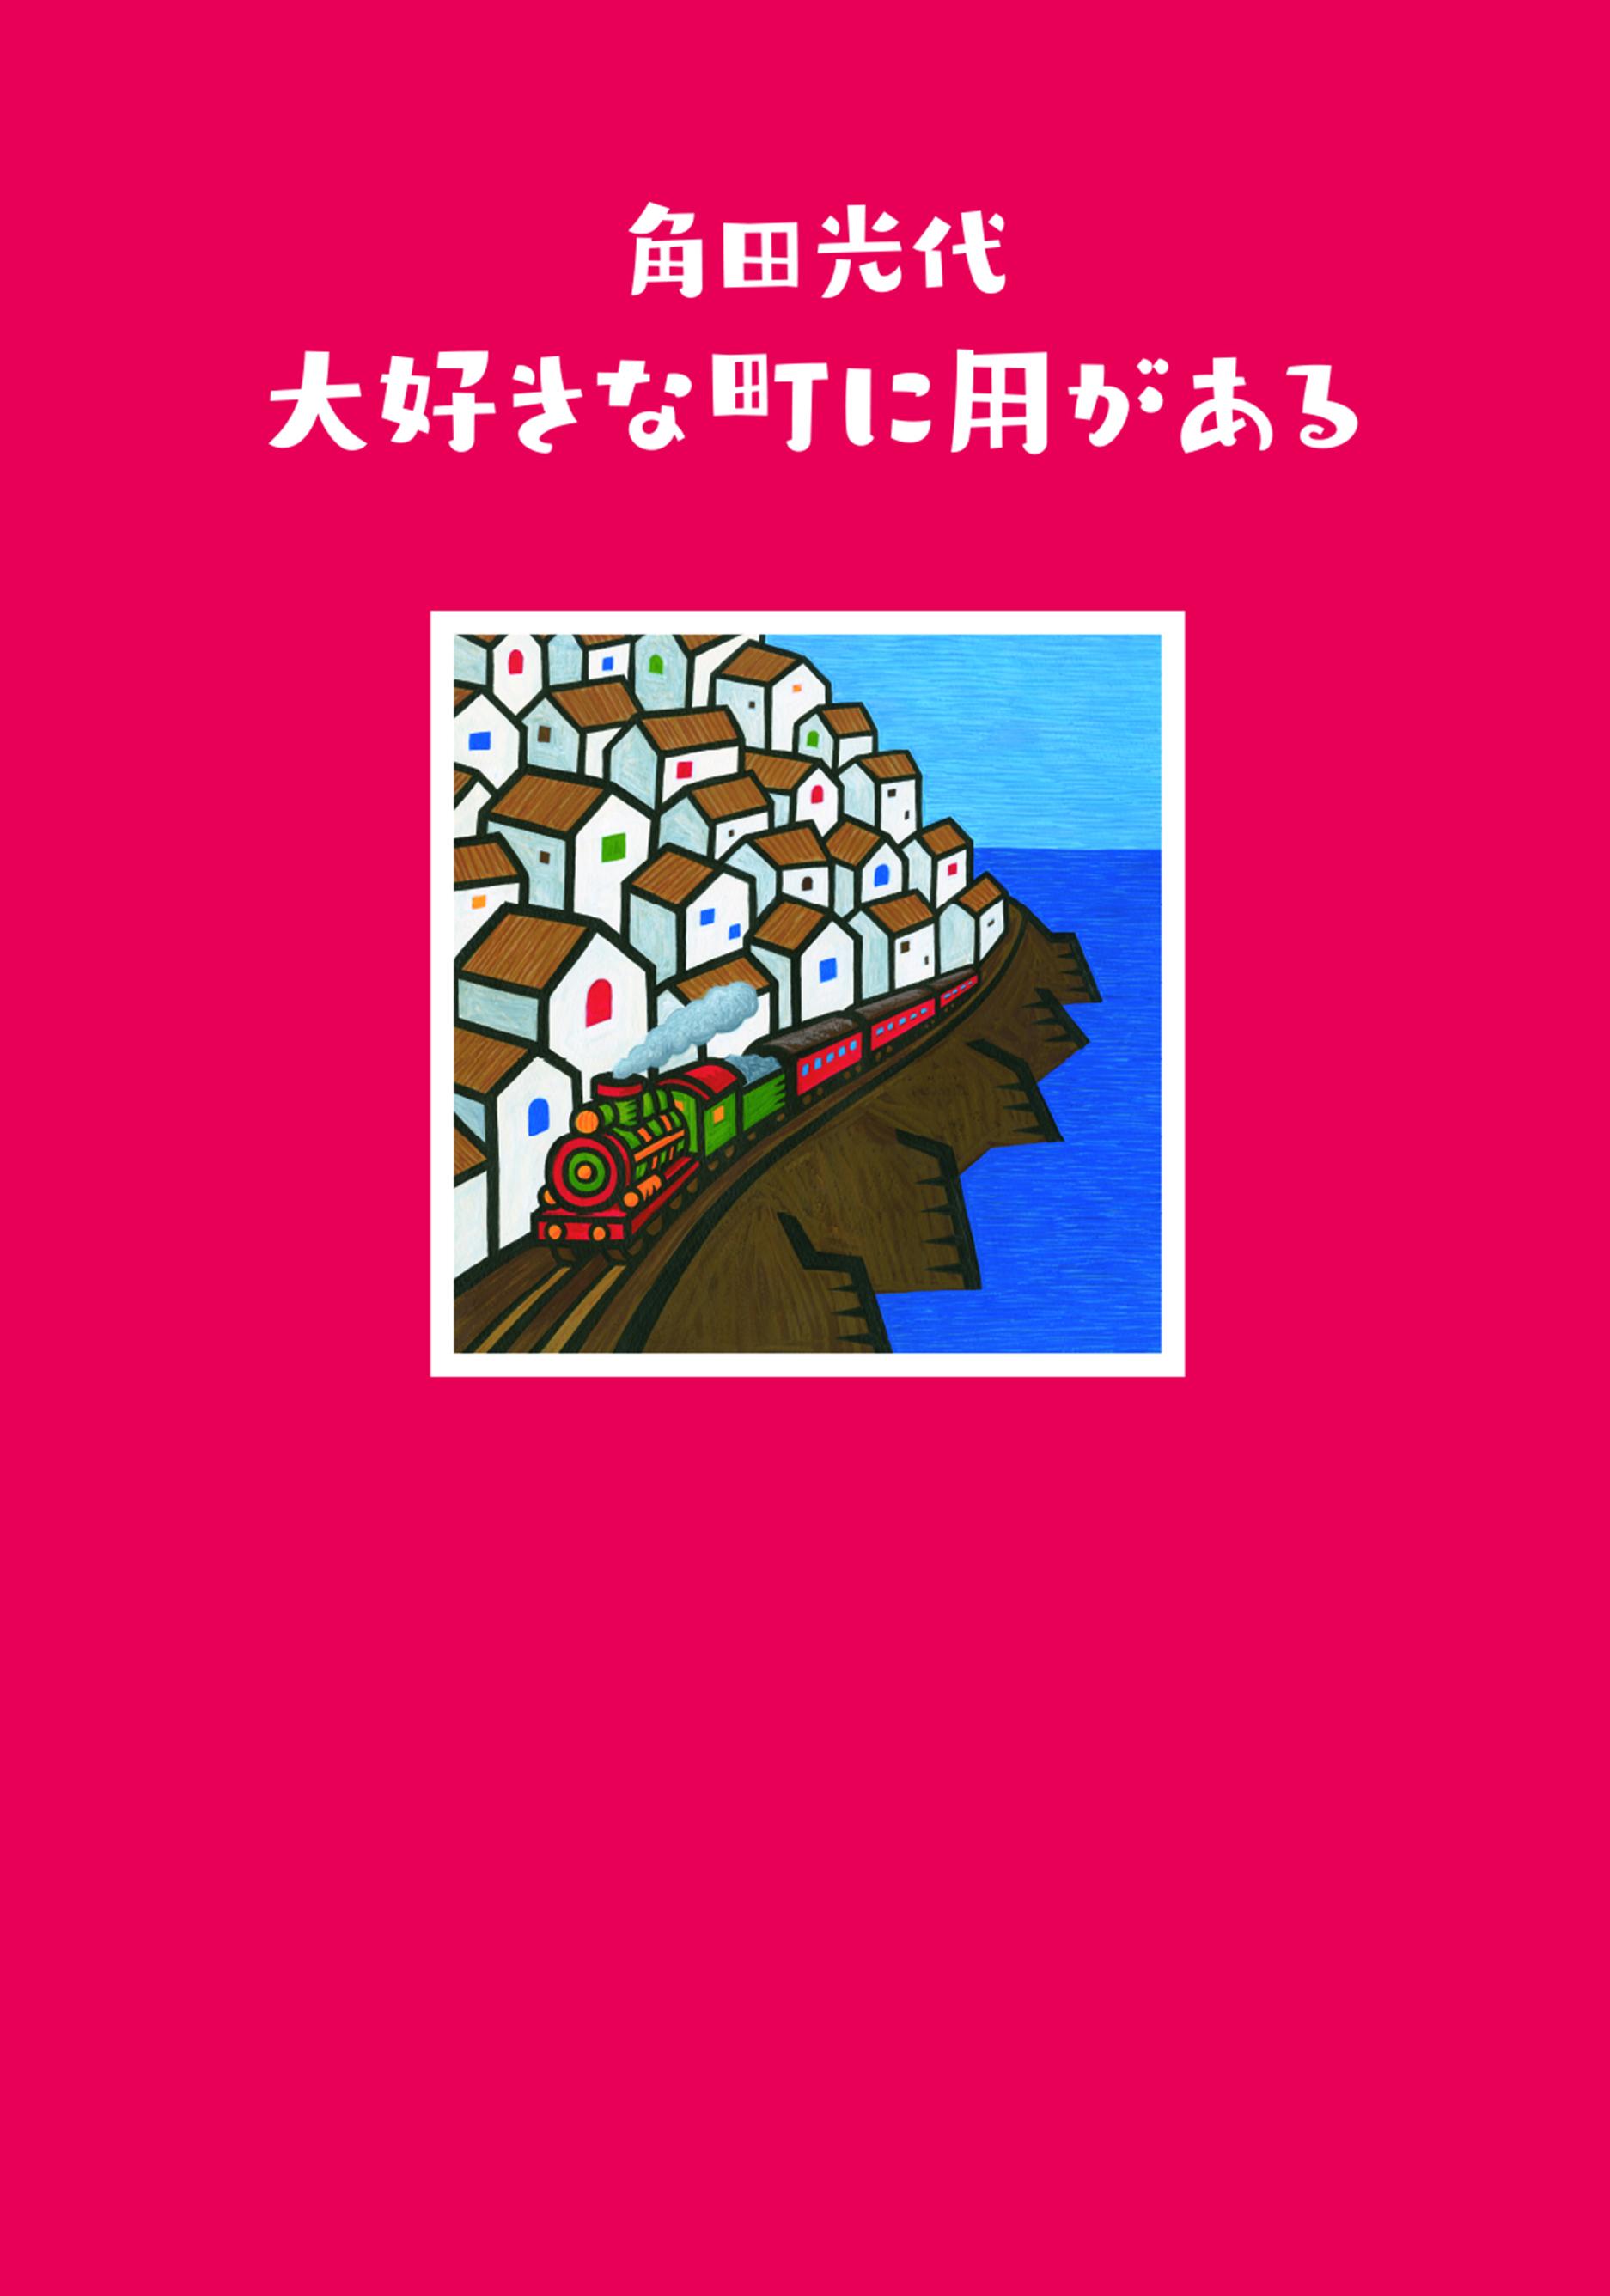 角田光代『大好きな町に用がある』